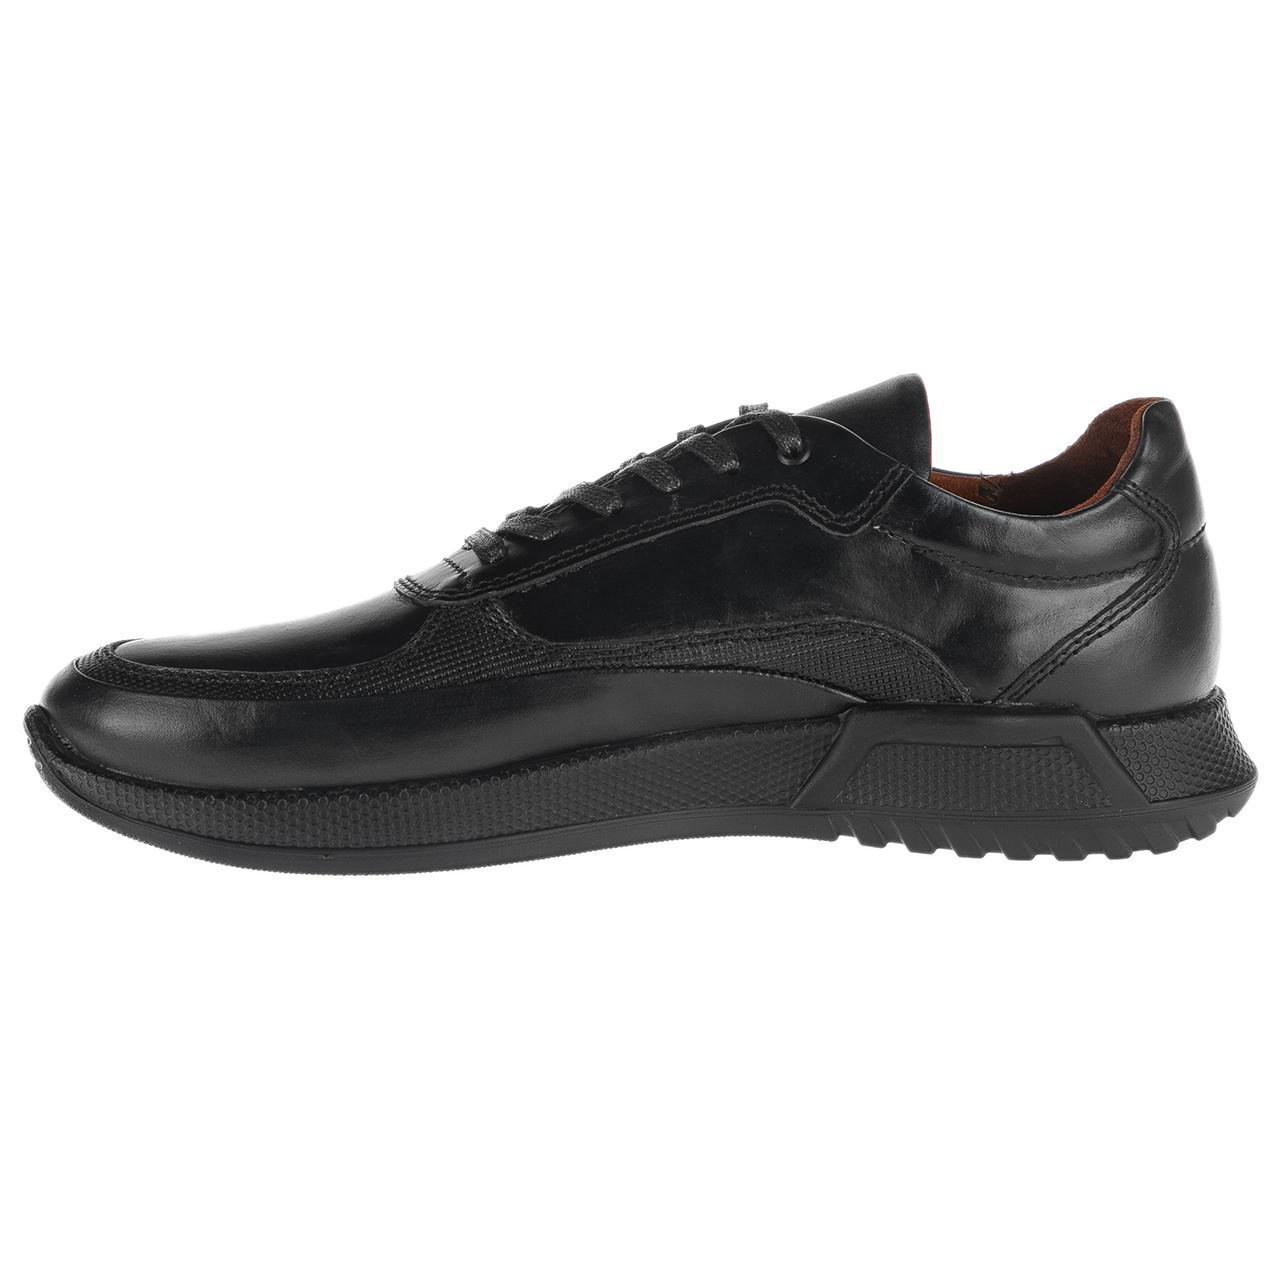 کفش مردانه استینگ مدل M1-Blk